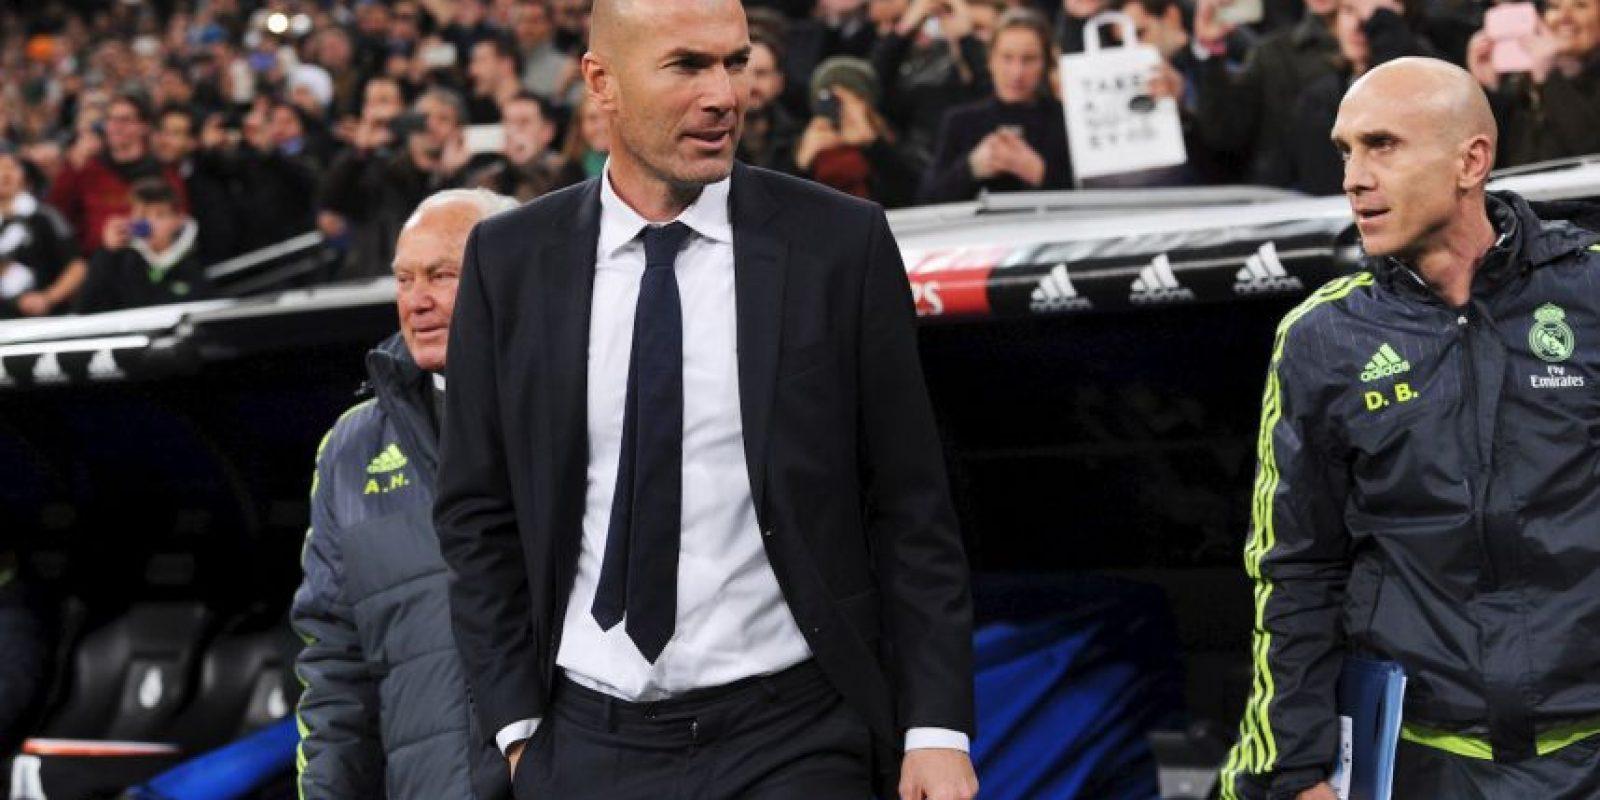 Las cosas comenzaron bien para el DT, pues a los pocos minutos, Real Madrid ya ganaba. Foto:Getty Images